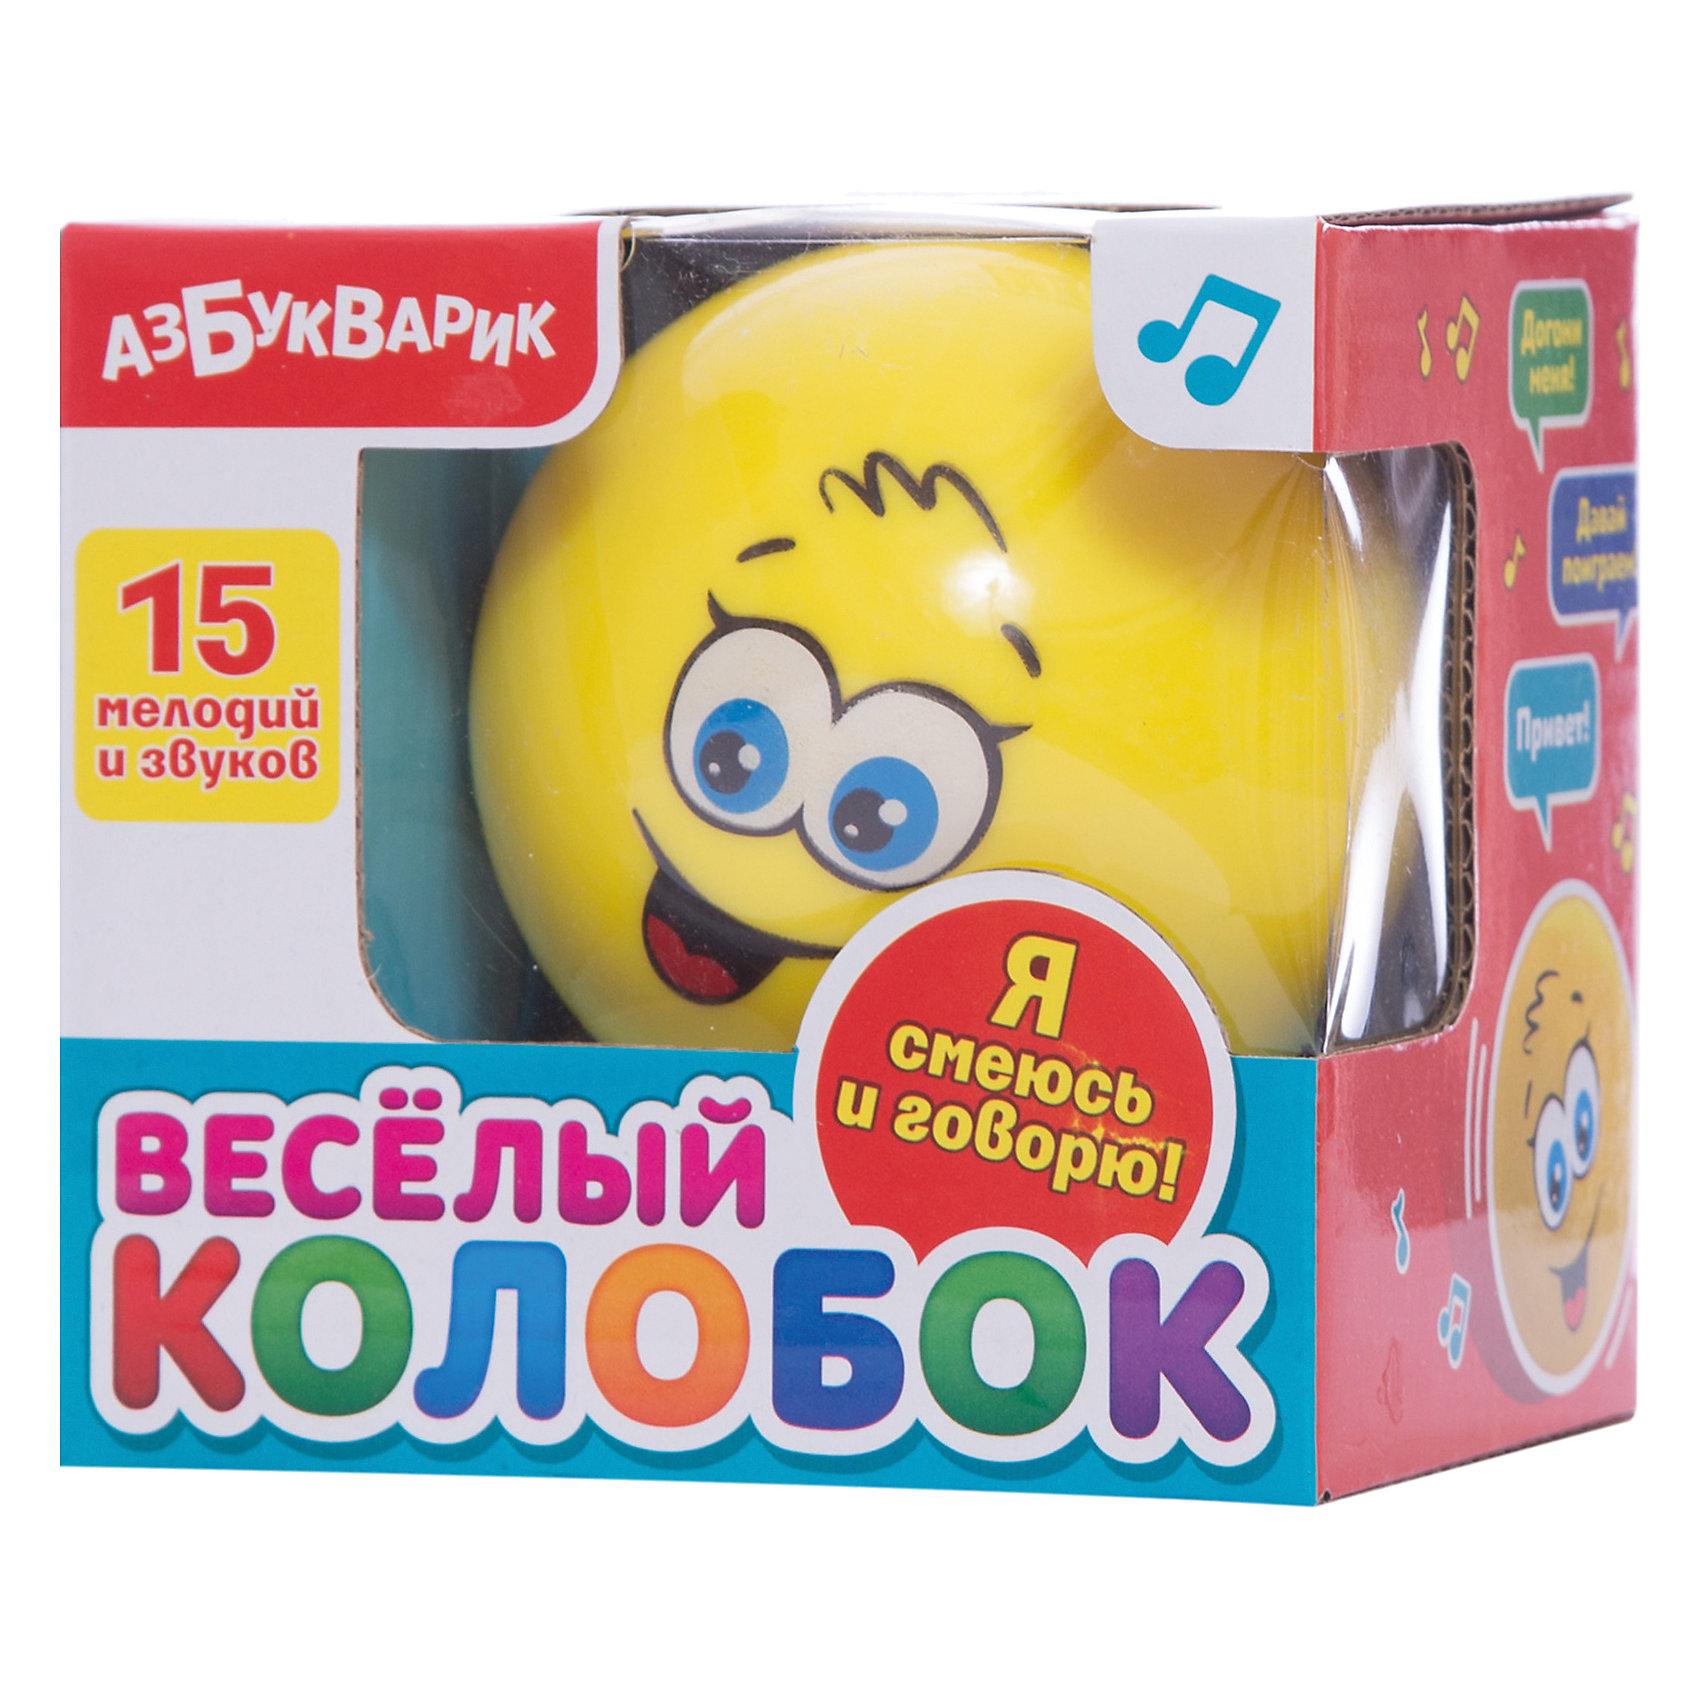 Музыкальная игрушка Веселый колобок, цвет желтый, АзбукварикМузыкальные инструменты и игрушки<br>Музыкальная игрушка Веселый колобок, цвет желтый, Азбукварик.<br><br>Характеристики:<br><br>• Для детей в возрасте от 3 лет<br>• Особенности: 15 мелодий и звуков<br>• Диаметр игрушки: 8 см.<br>• Материал: качественная пластмасса с элементами из металла<br>• Цвет: желтый<br>• Батарейки: 3 x AG13 / LR44 (входят в комплект)<br>• Упаковка: картонная коробка<br>• Размер упаковки: 9 х 9 х 9 см.<br><br>Веселый колобок станет любимой игрушкой вашего малыша! Ребенок сможет катать его по полу, как мячик, и слушать забавные звуки и мелодии. Колобок всегда улыбается – и малыш будет обязательно улыбаться в ответ!<br><br>Музыкальную игрушку Веселый колобок, цвет желтый, Азбукварик можно купить в нашем интернет-магазине.<br><br>Ширина мм: 800<br>Глубина мм: 800<br>Высота мм: 80<br>Вес г: 125<br>Возраст от месяцев: 24<br>Возраст до месяцев: 48<br>Пол: Унисекс<br>Возраст: Детский<br>SKU: 5577787